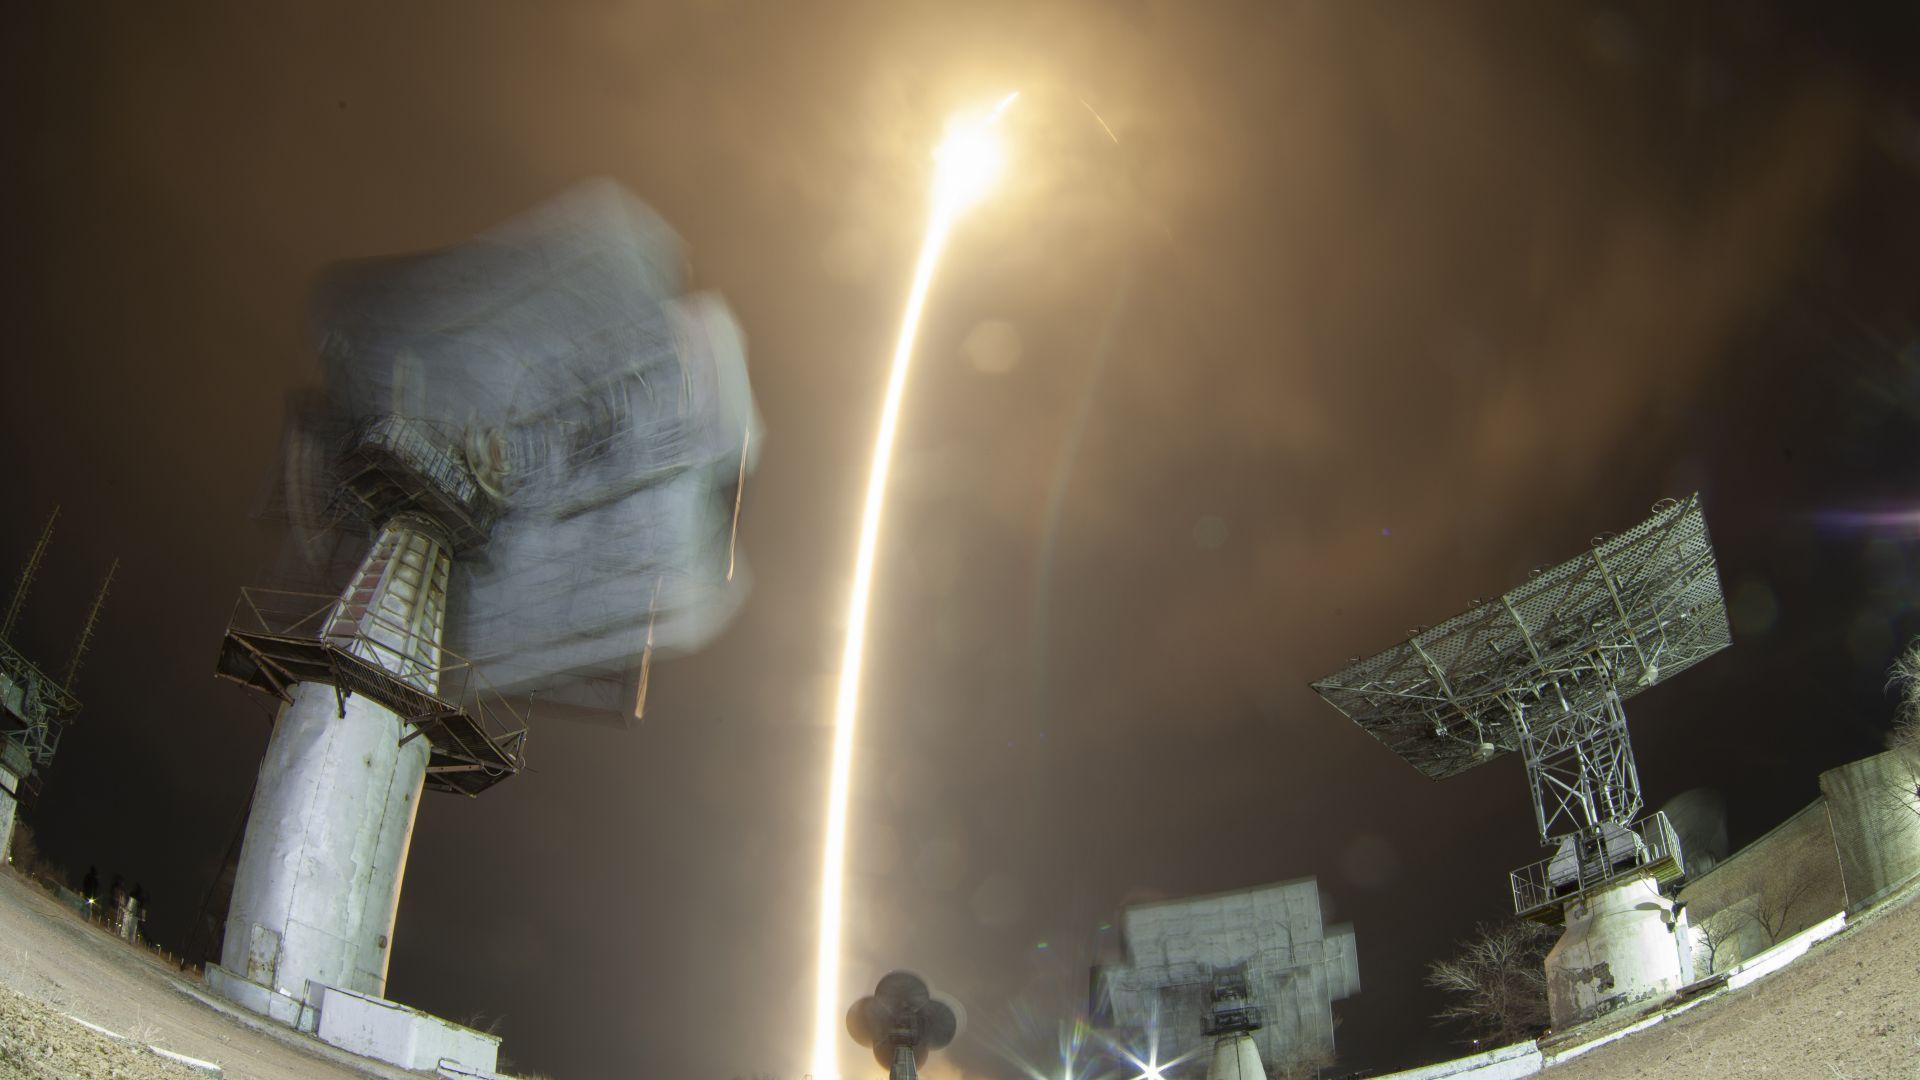 Космическият кораб обаче претърпява авария в космоса